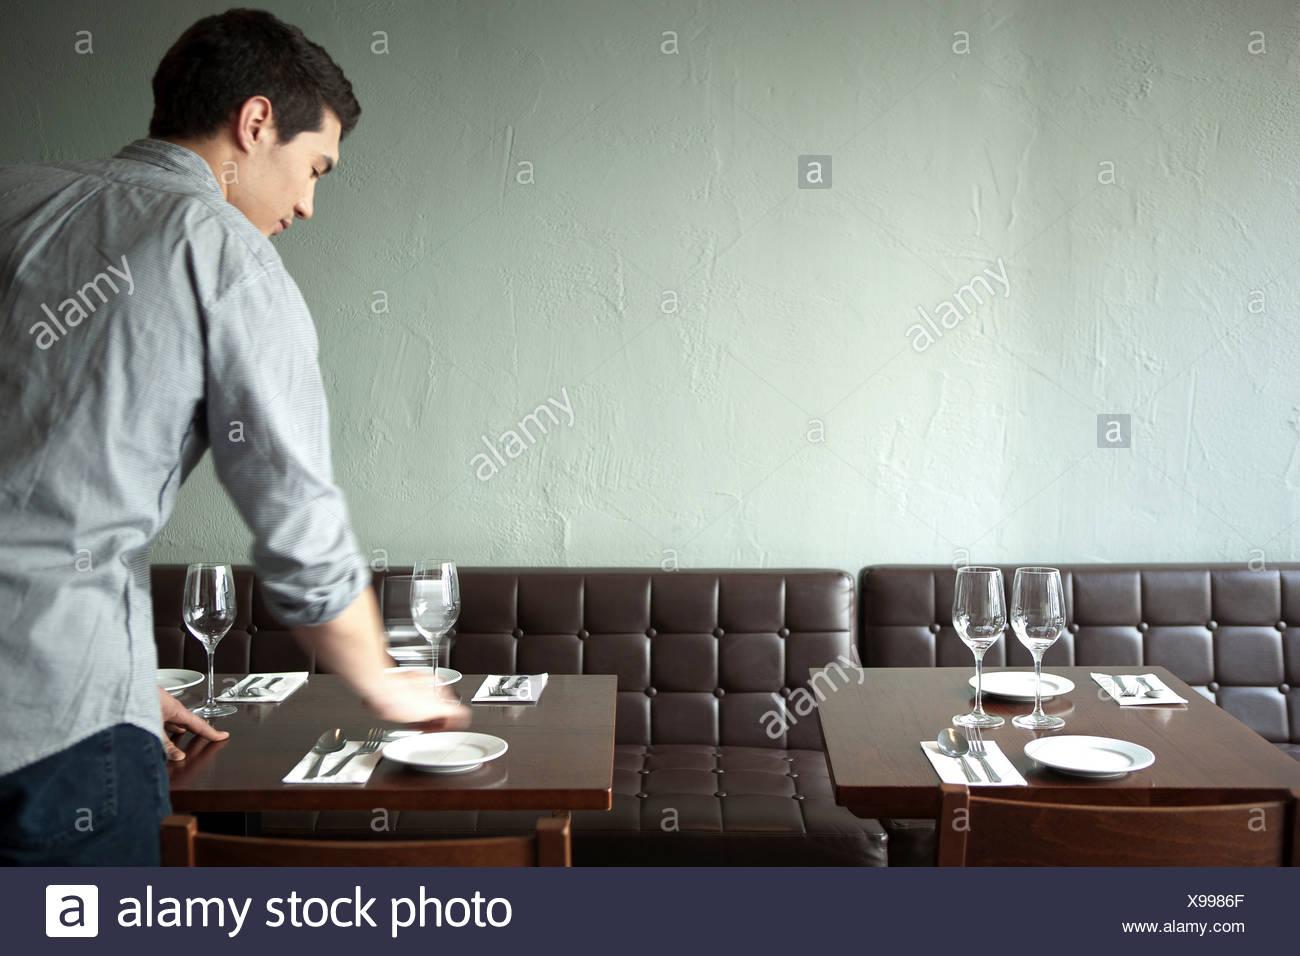 Waiter setting table in restaurant - Stock Image